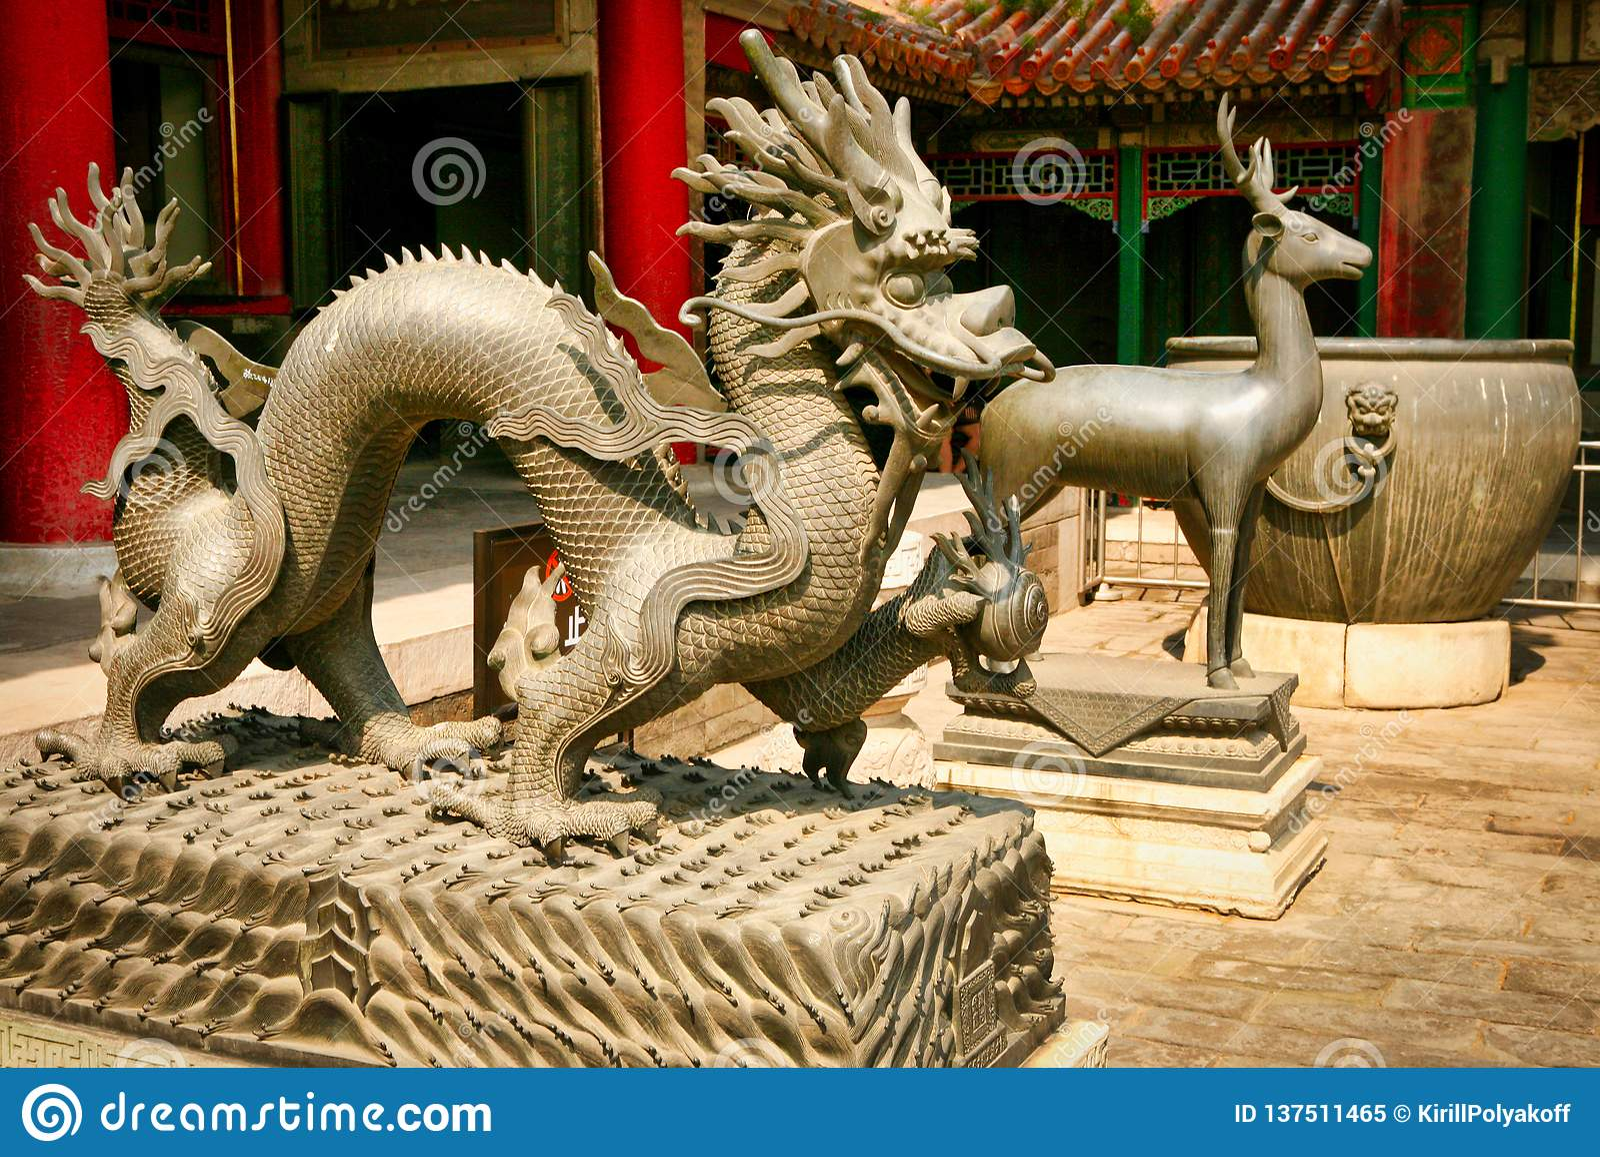 Brązowe statuy smok i rogacze w Niedozwolonym mieście Pekin